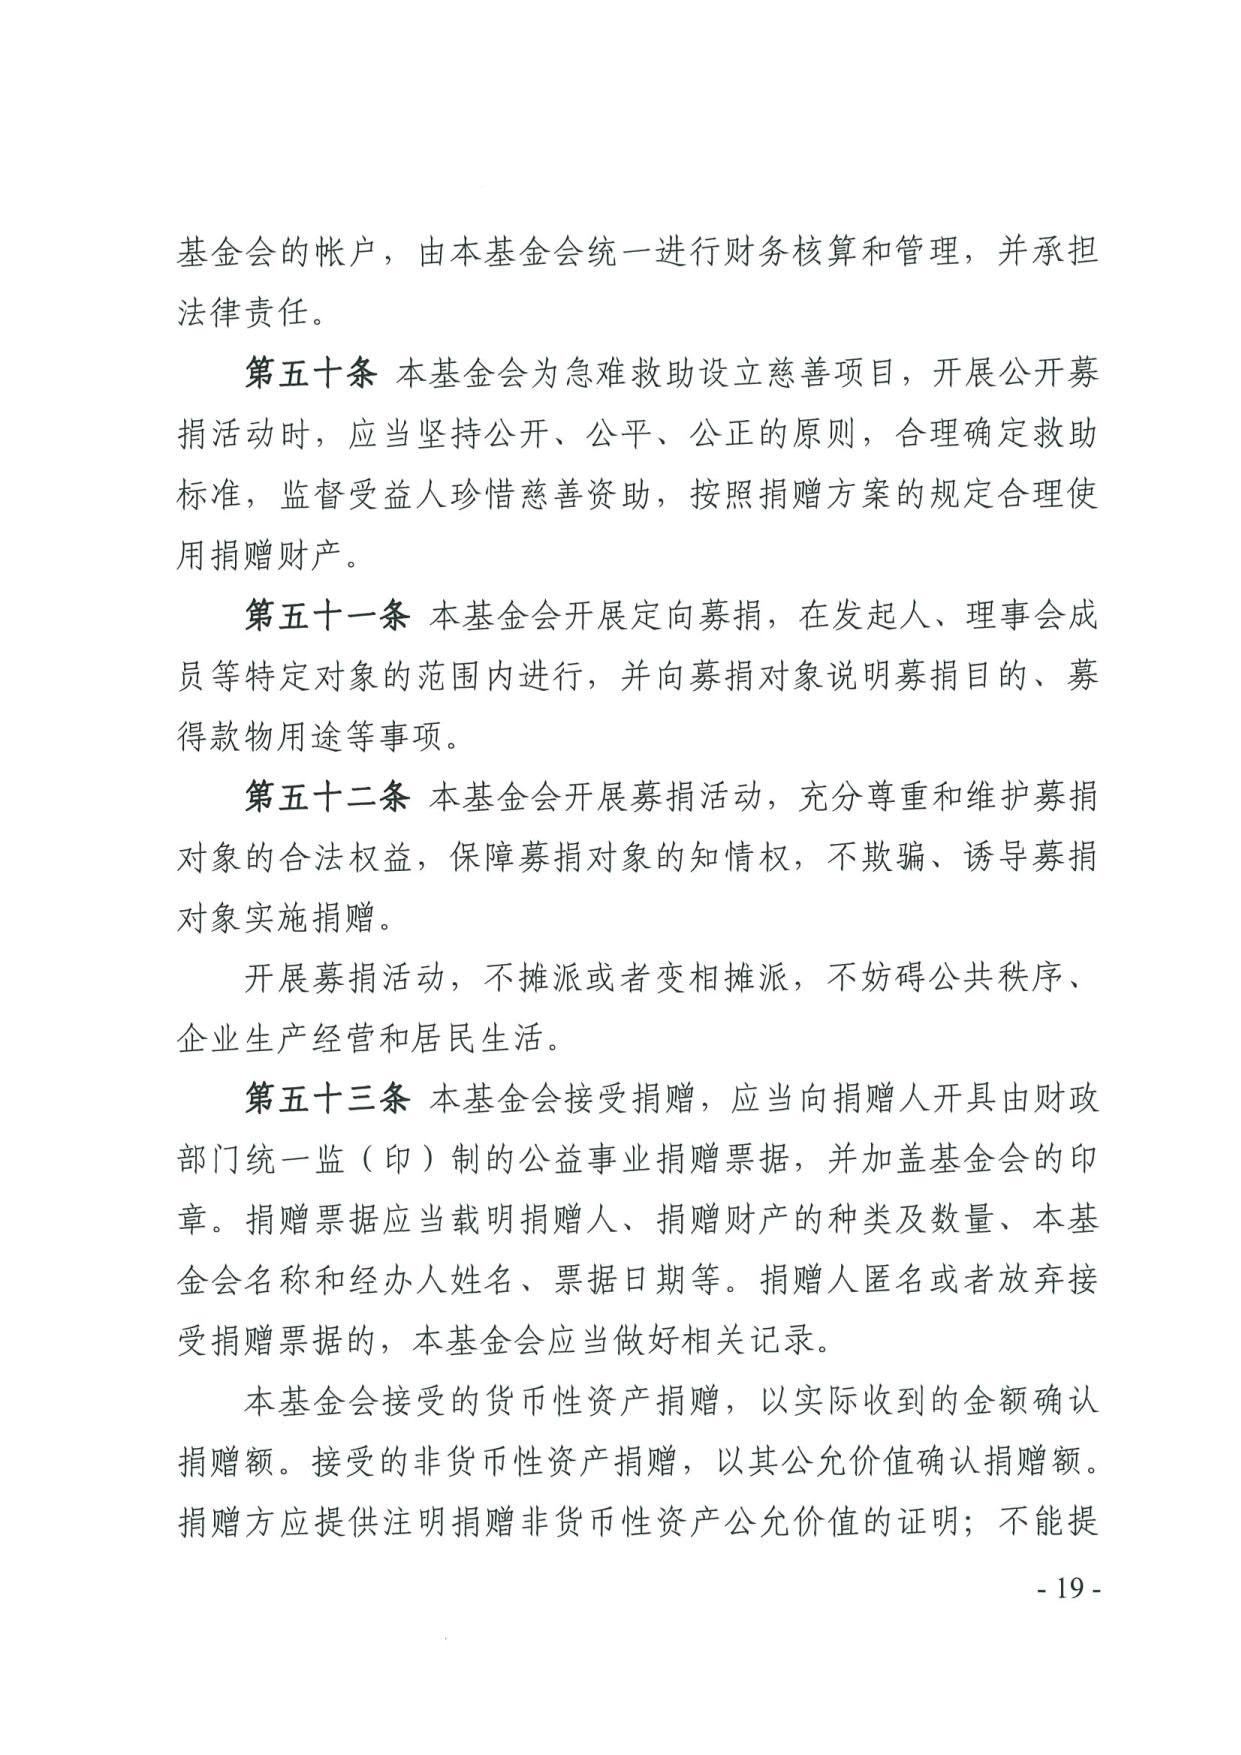 广东省民政厅关于印发《广东省基金会章程示范文本》的通知(4)_19.jpg